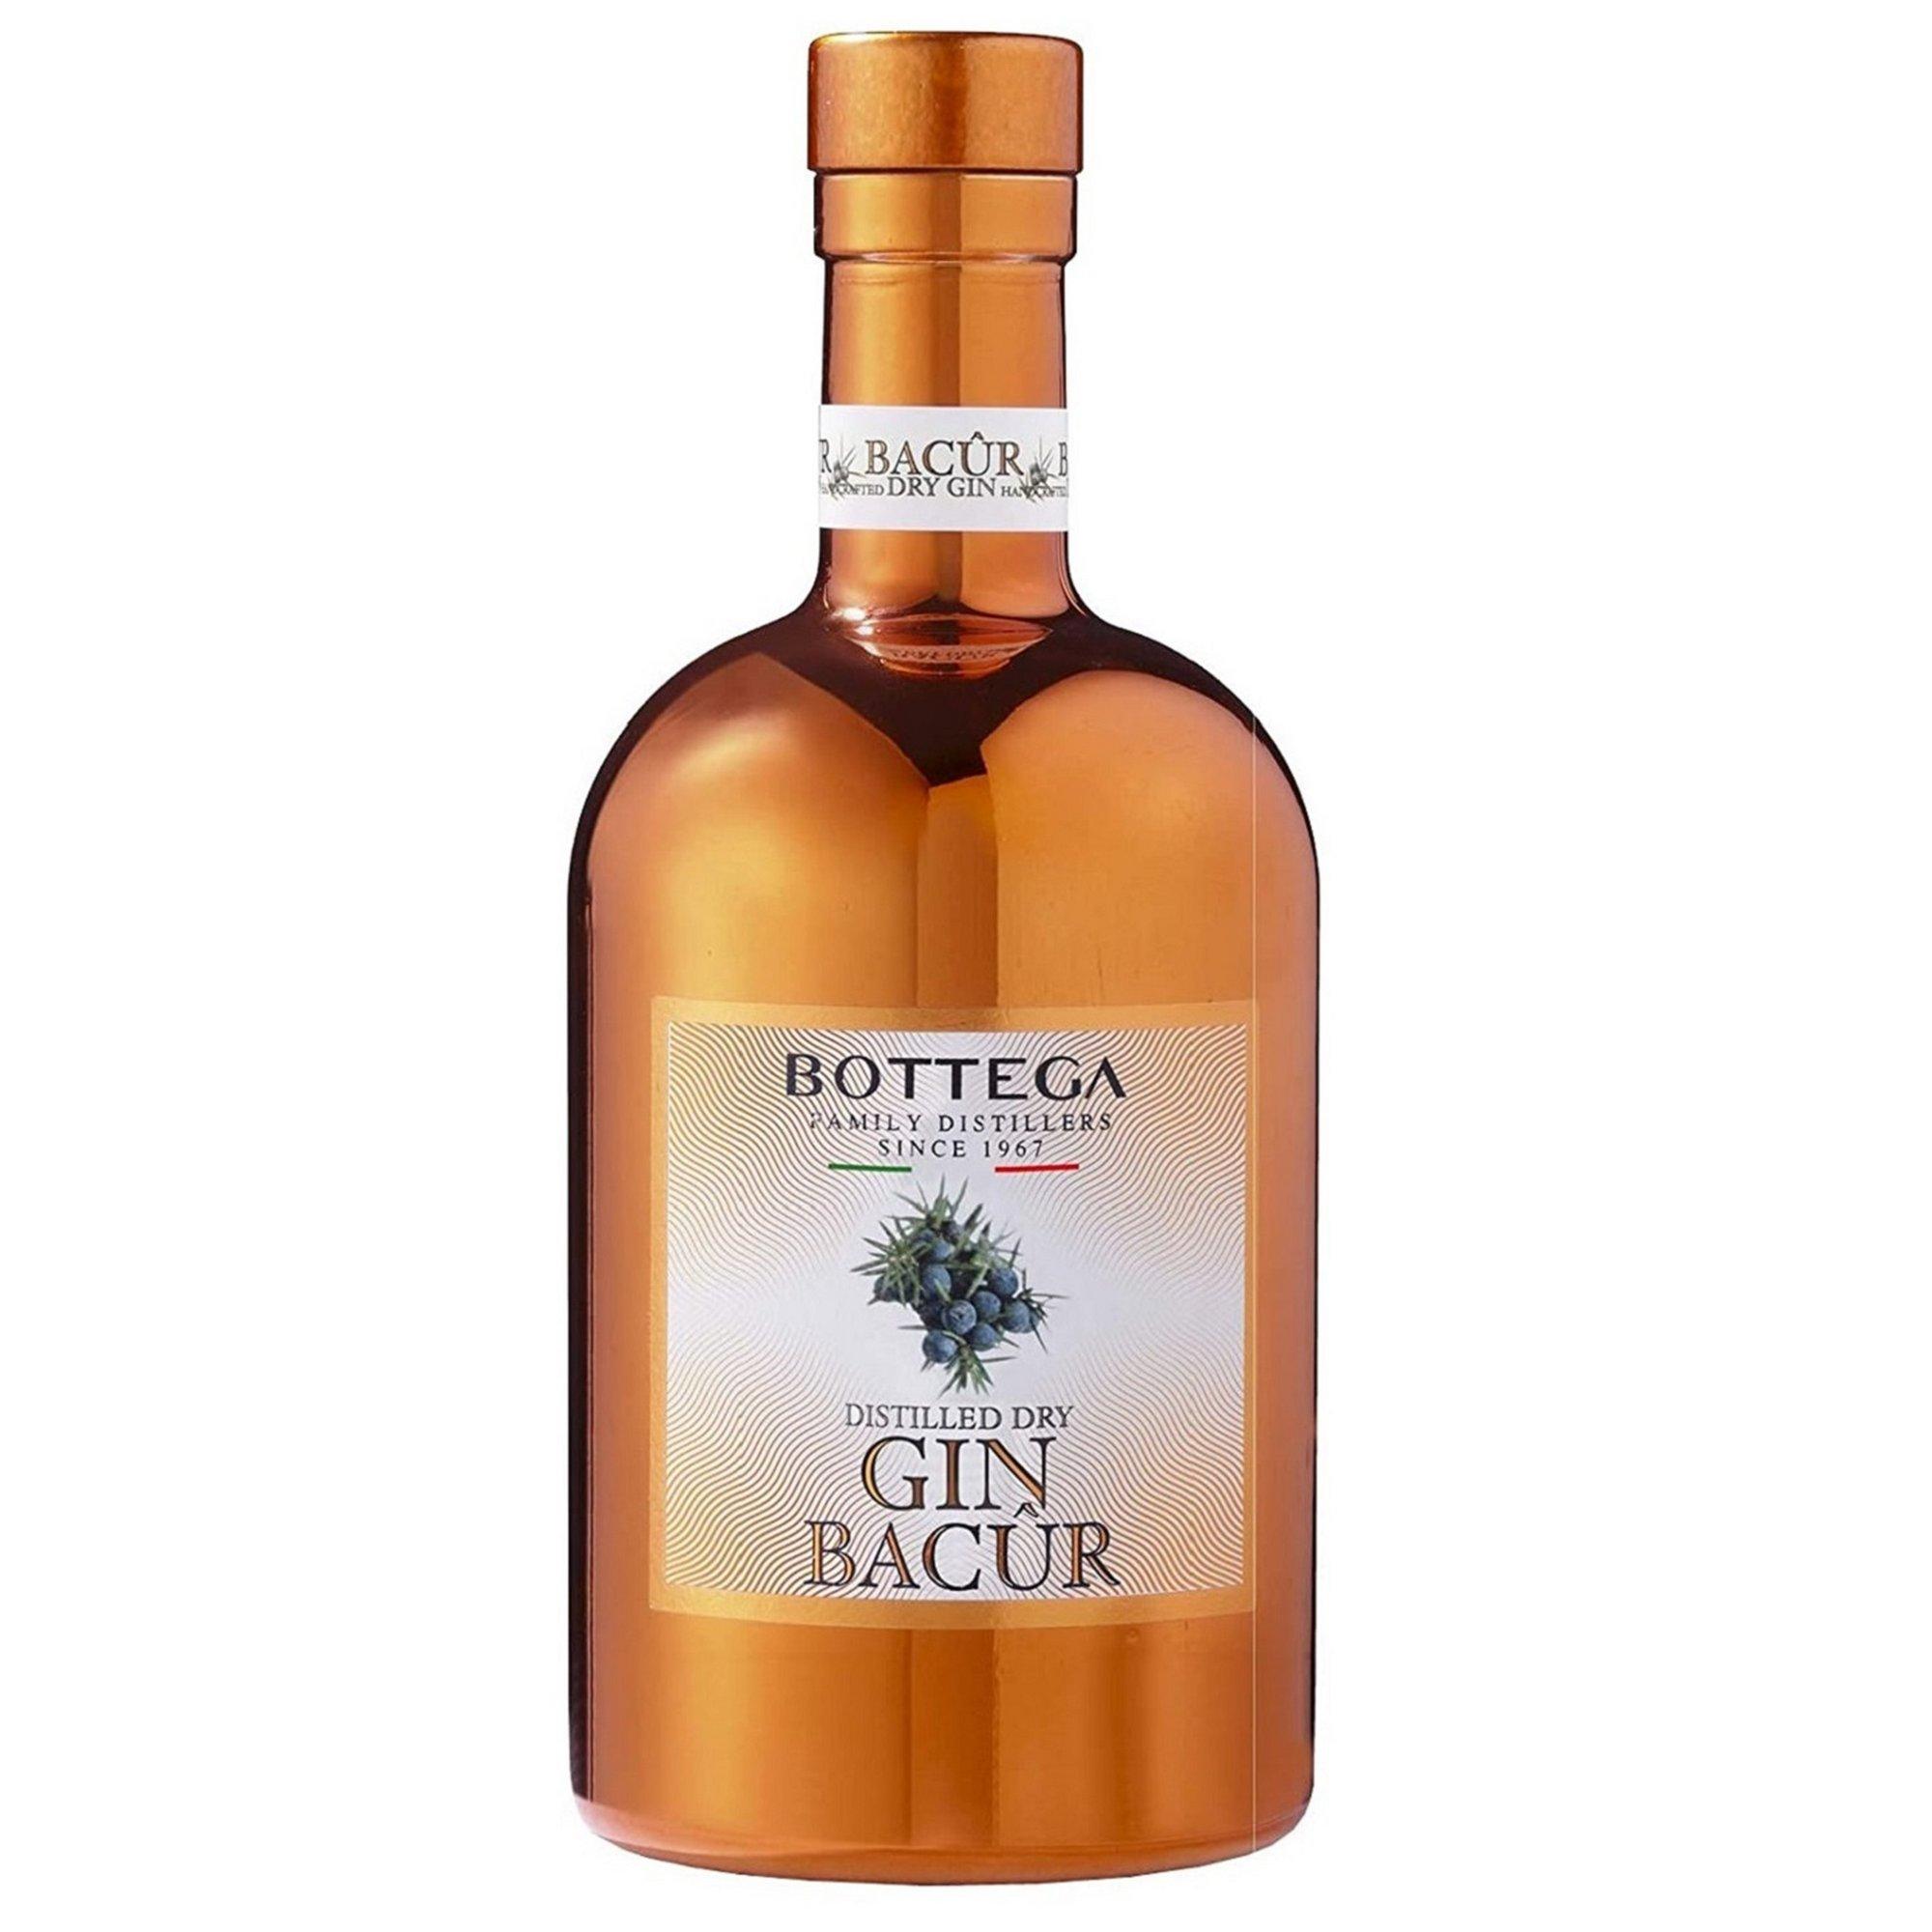 Image of Bottega Bacur Gin 70cl